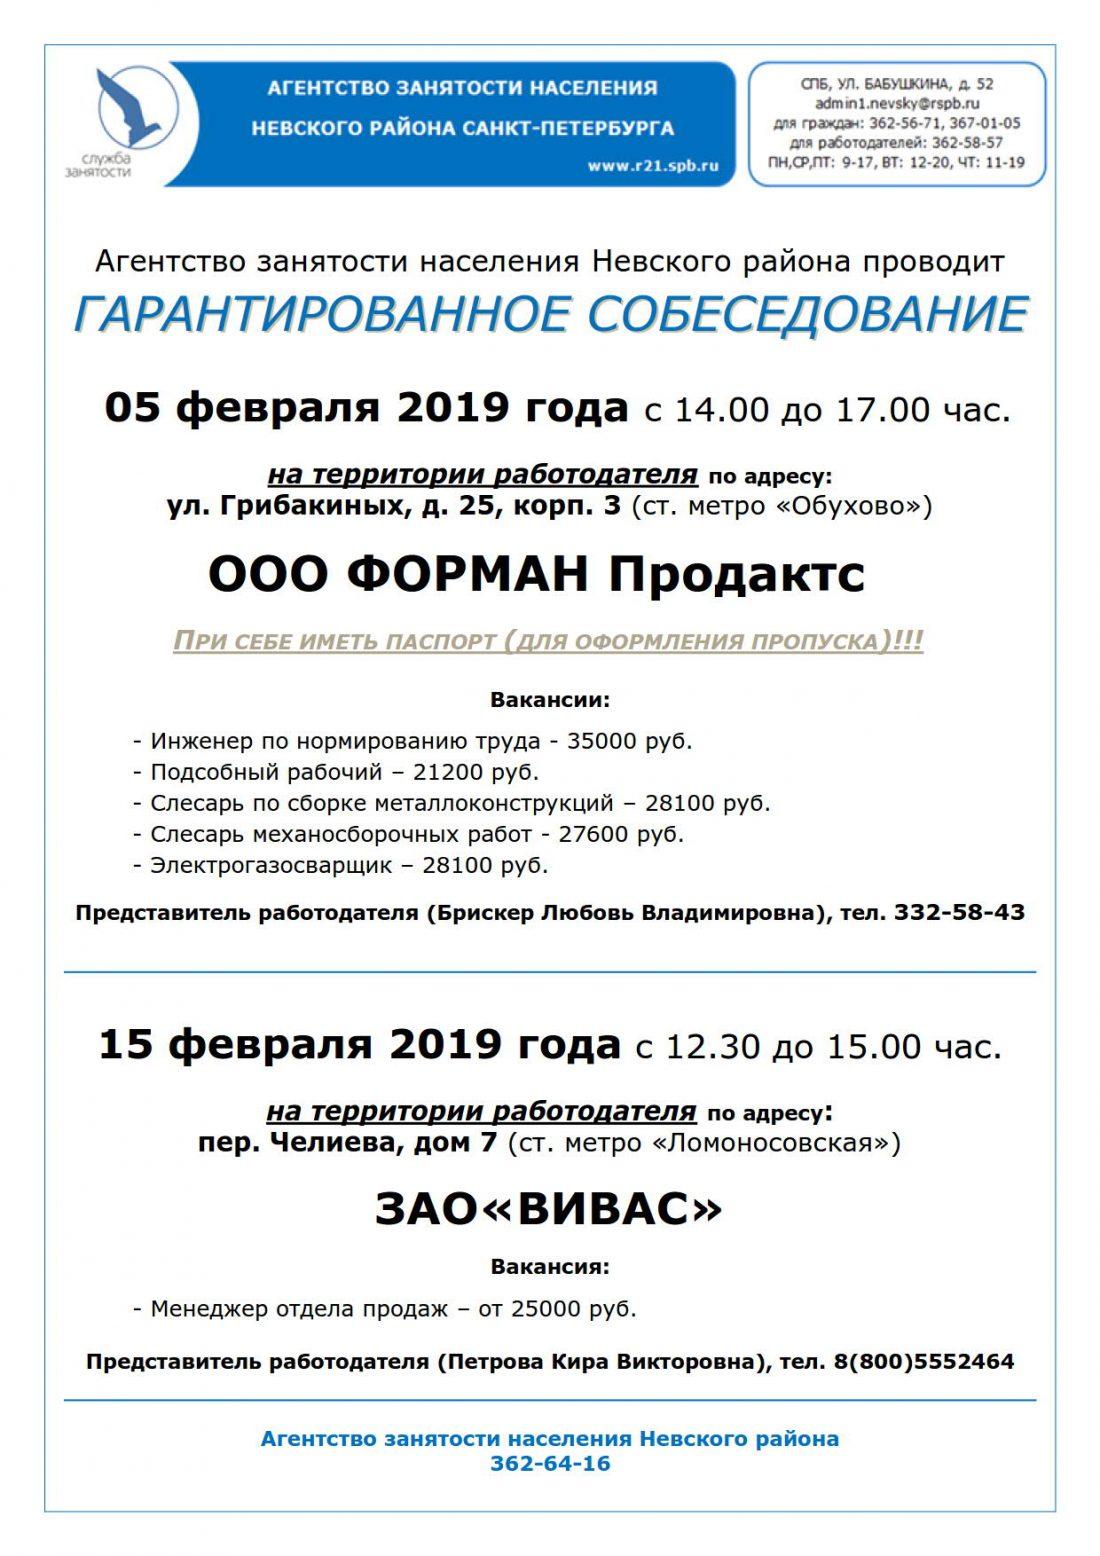 объявление ГС 05.02.2019 и 15.02.2019_1